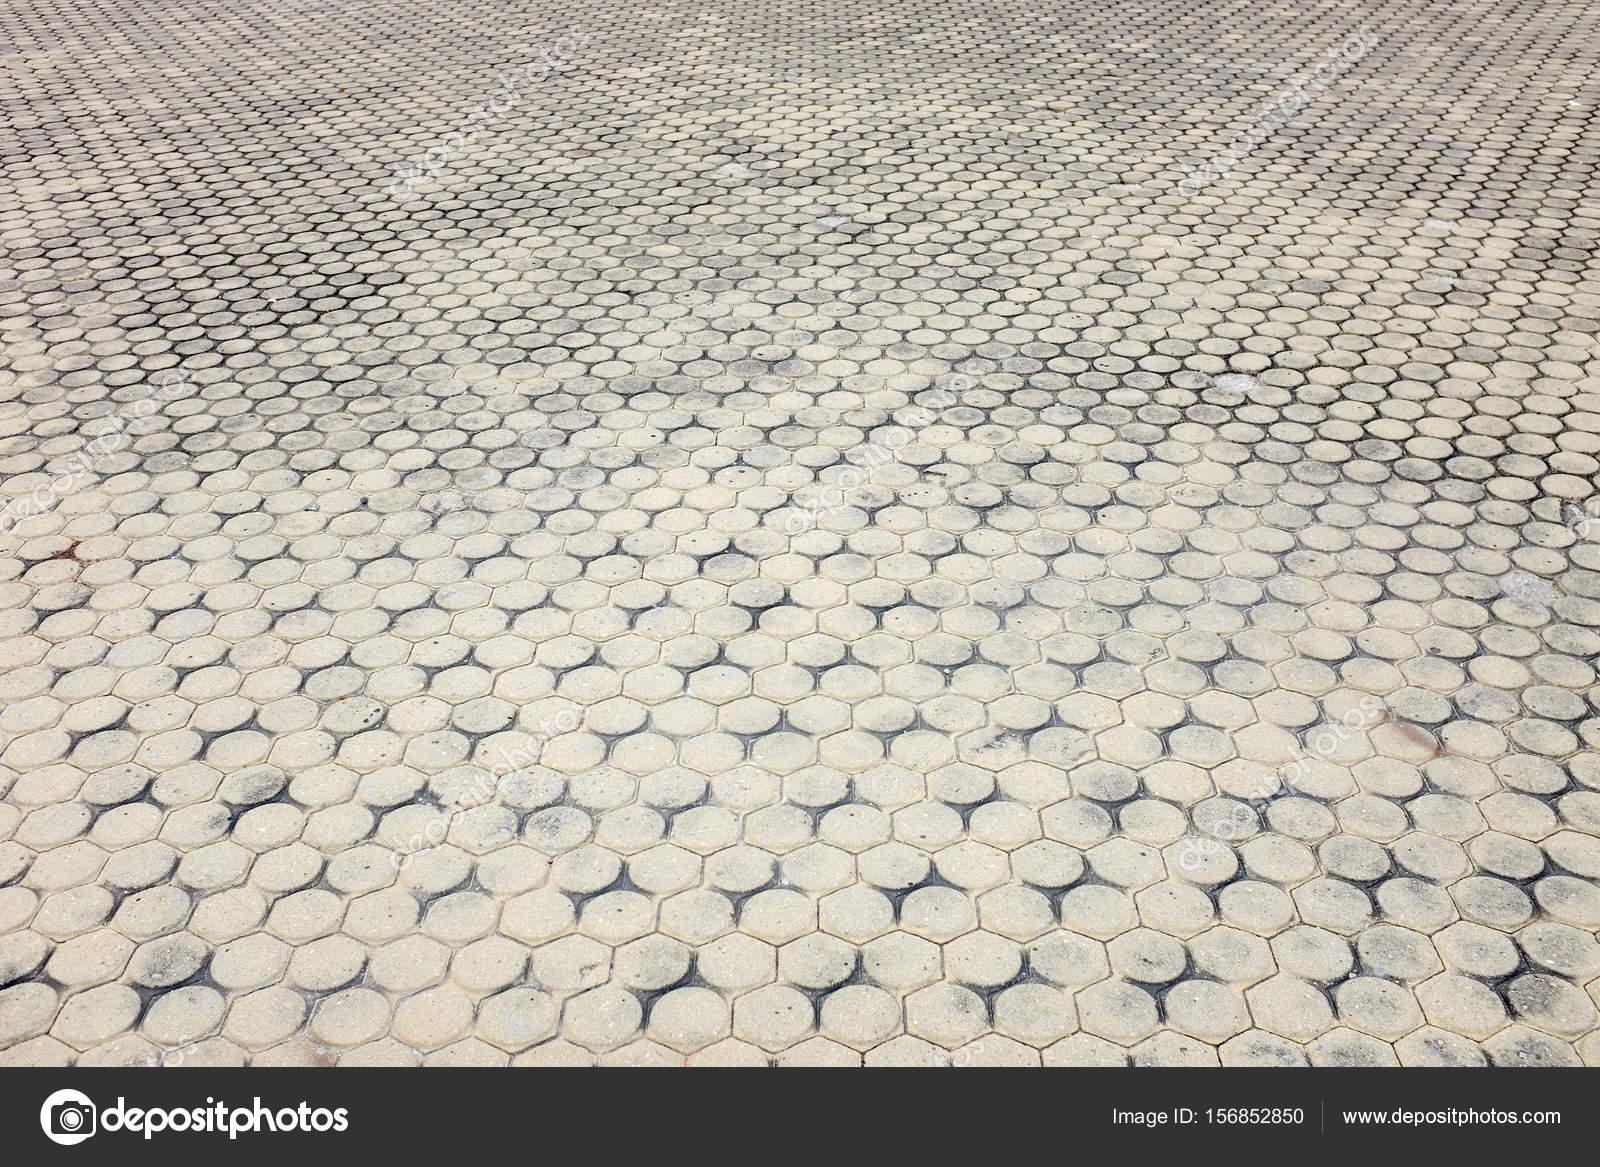 Patterned pavimentazione piastrelle pavimento di cemento mattoni